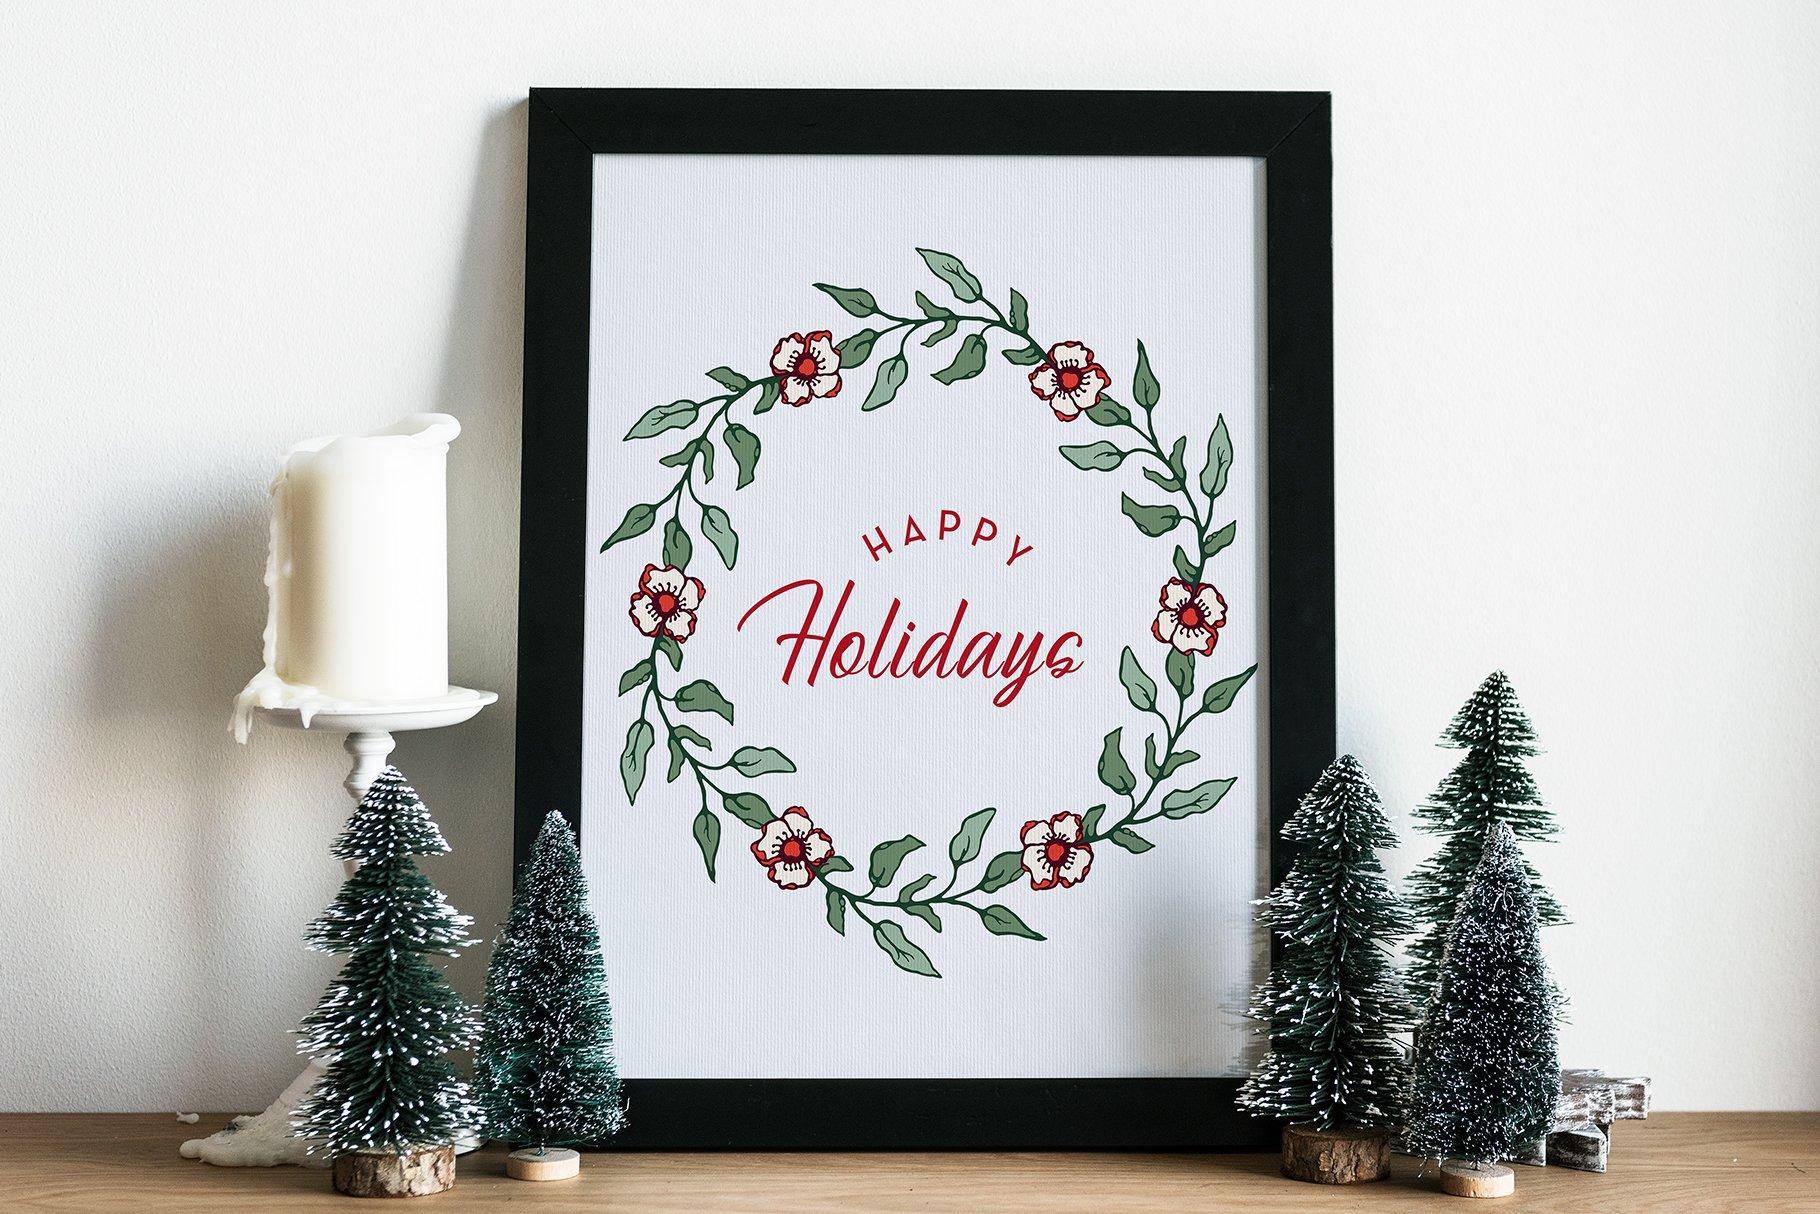 150多款时尚优雅花卉框架抽象形状手绘插画设计素材 Winter Floral Patterns & Elements插图13